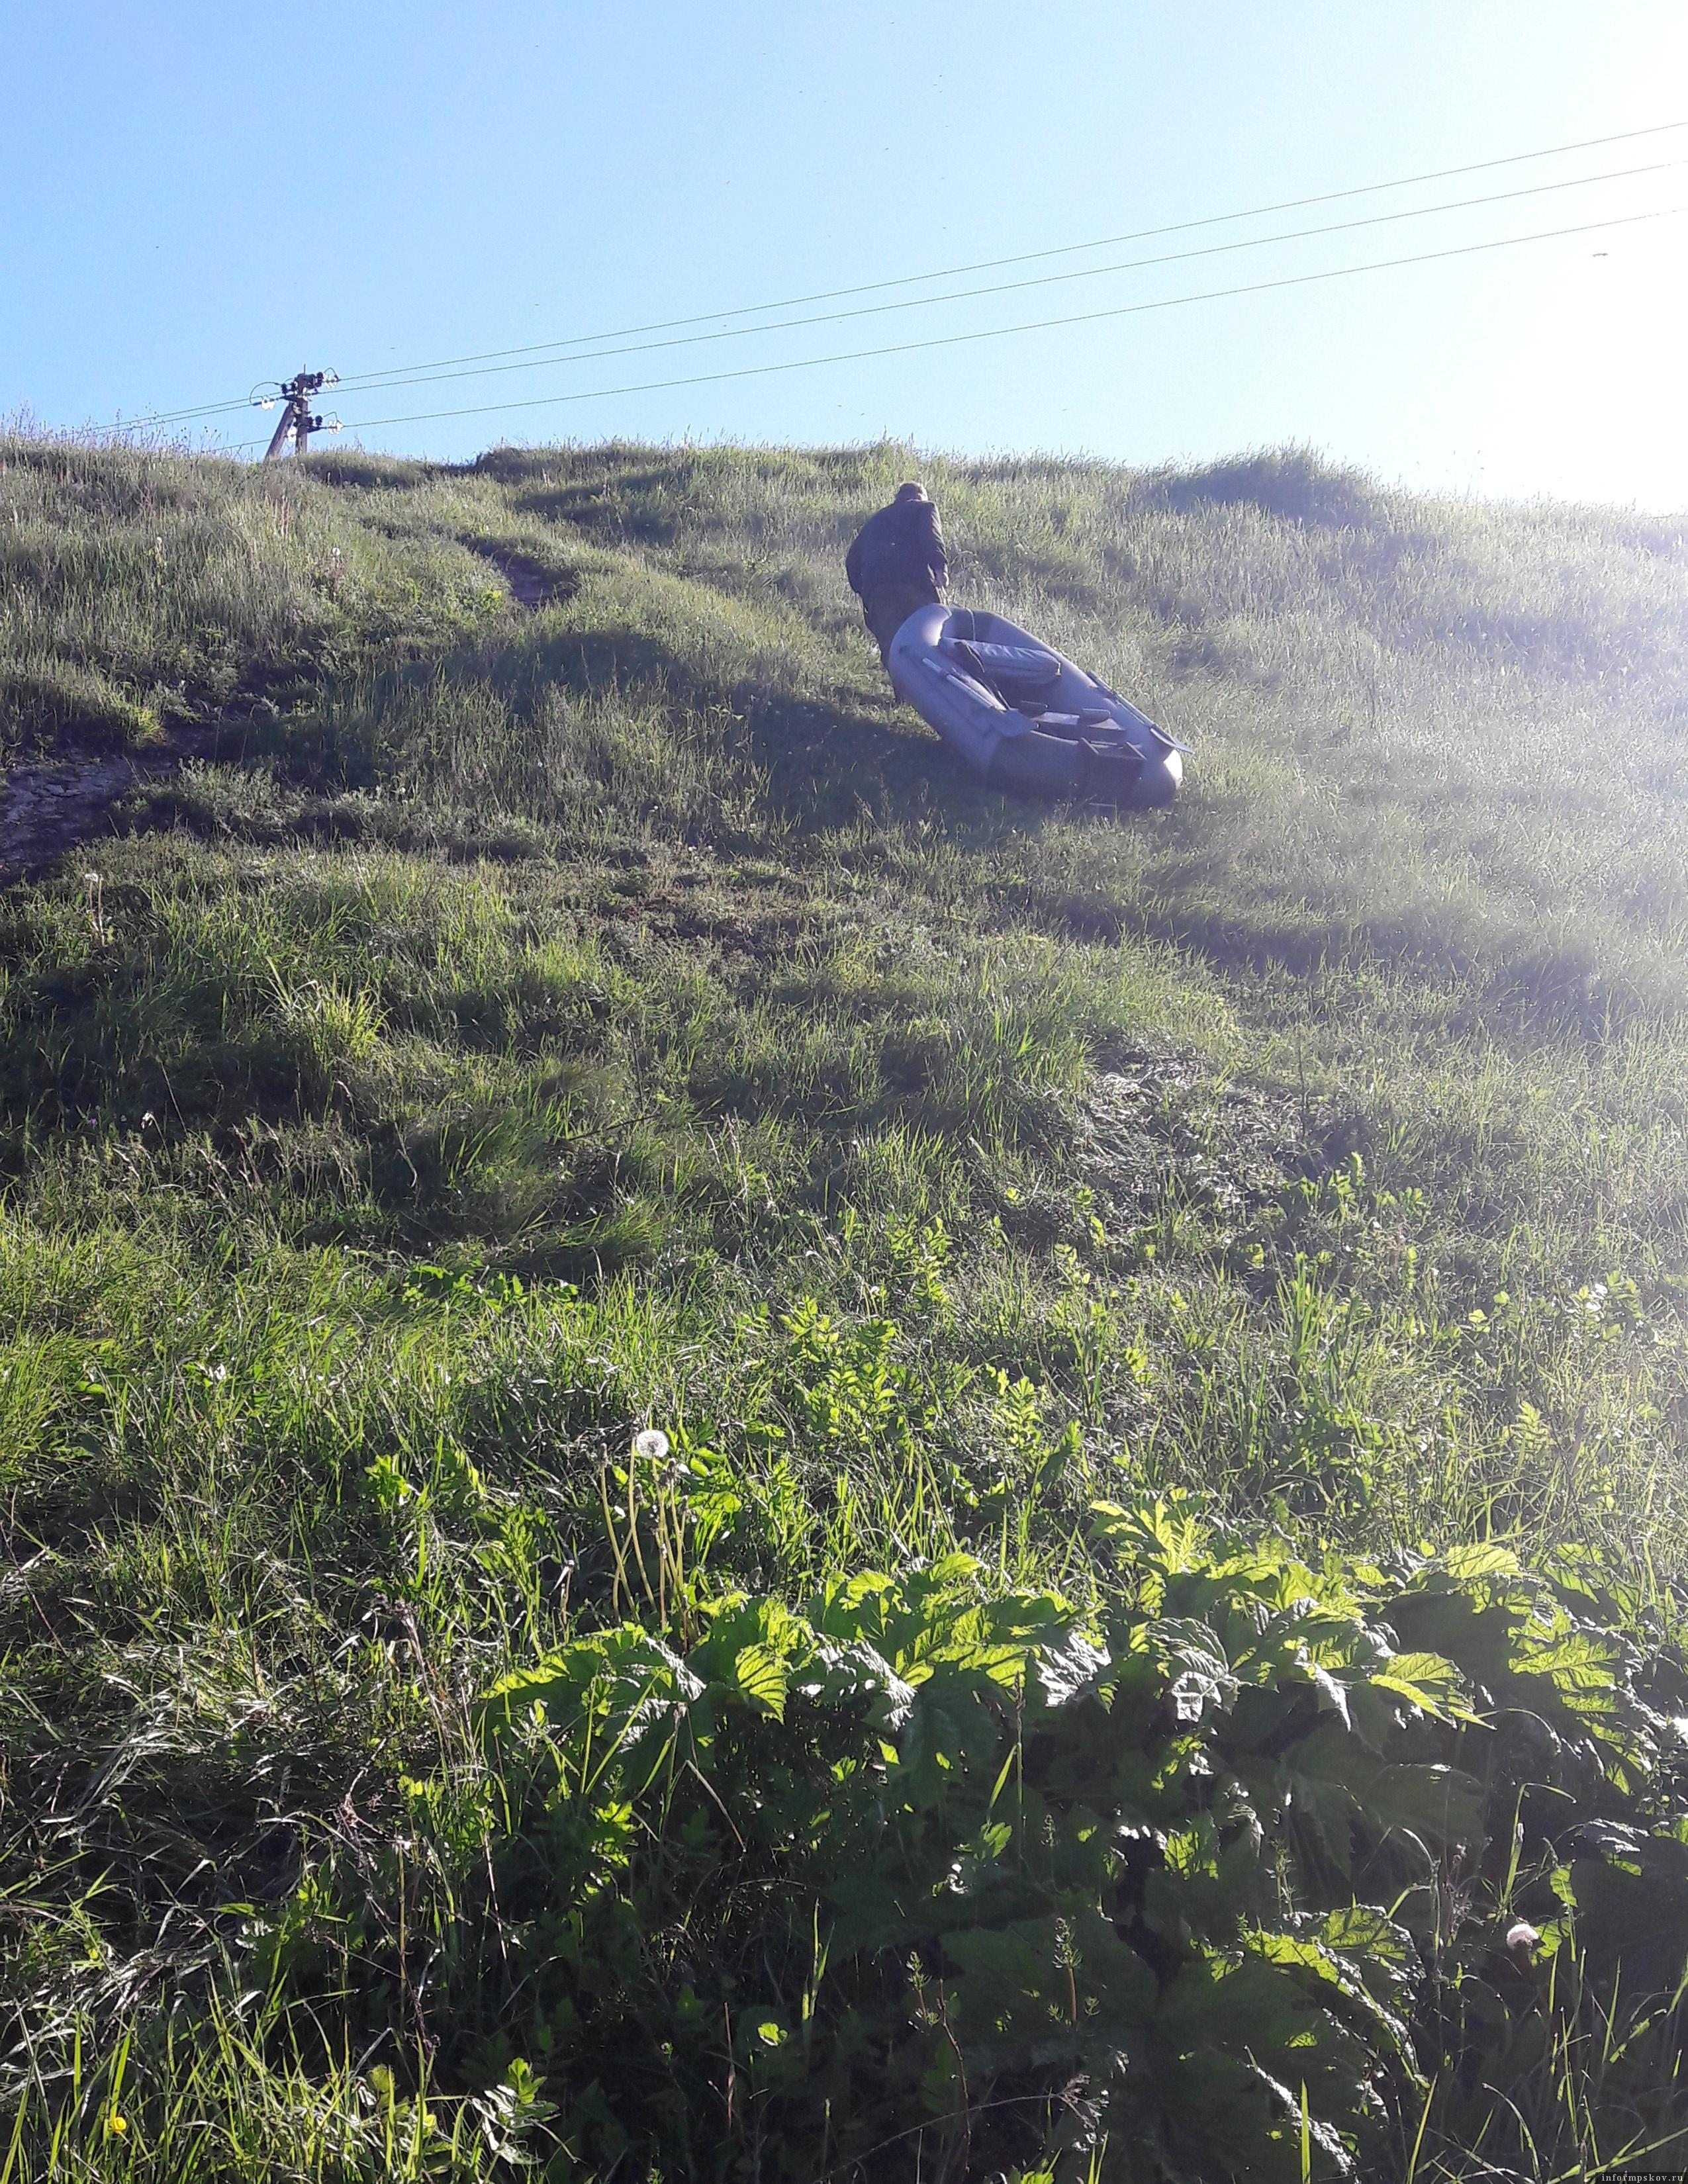 Там где мы рыбачим на Камёнке – высокий обрывистый берег. Вниз легко спускаться, а вот наверх приходиться упираться. Хорошая тренировка и для ног, и для дыхания. Фото автора.